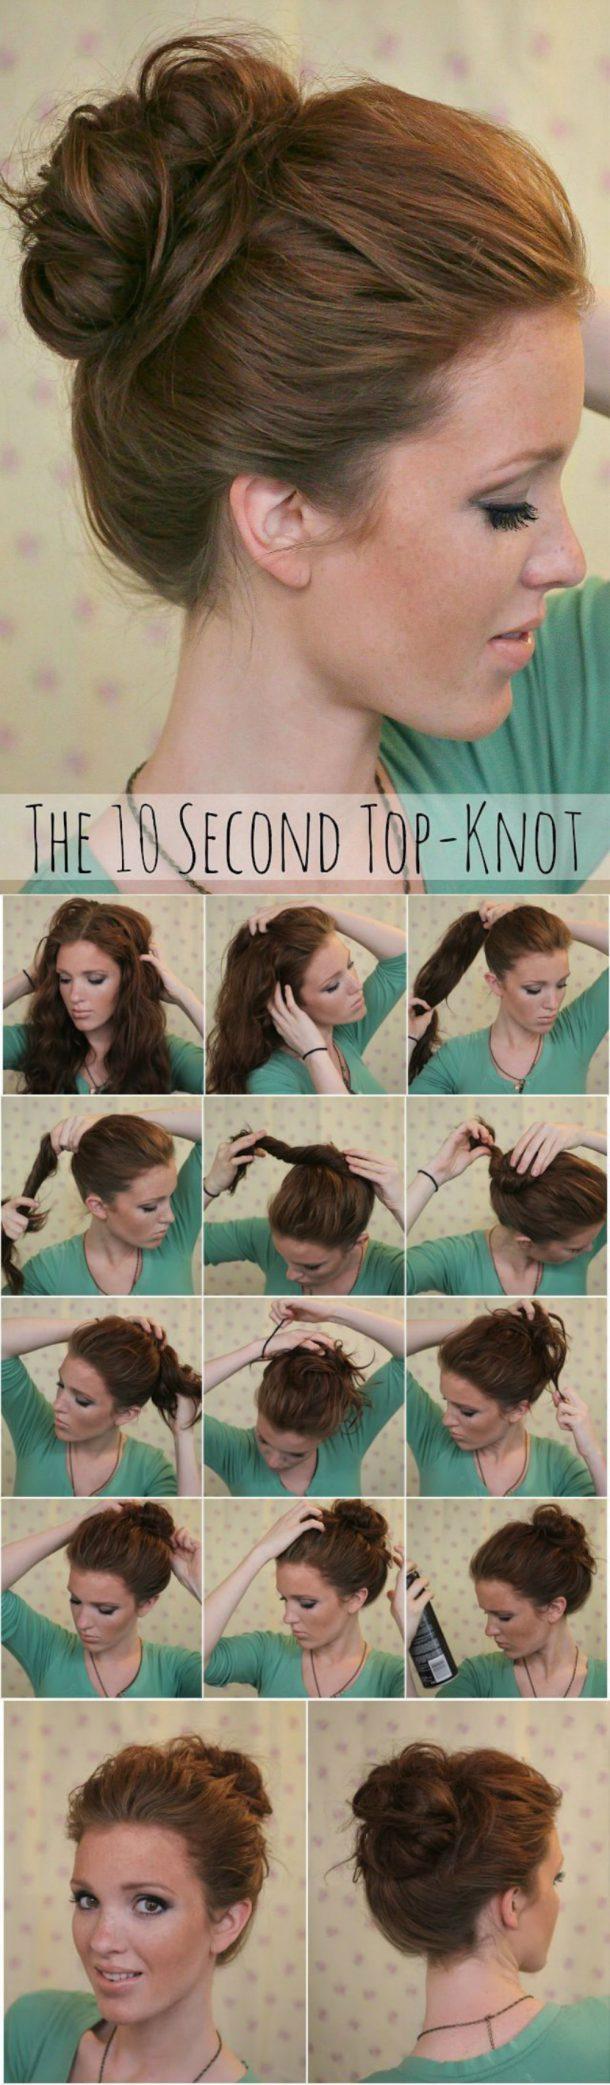 7 вариантов как сделать красивый пучок из волос для волос 6